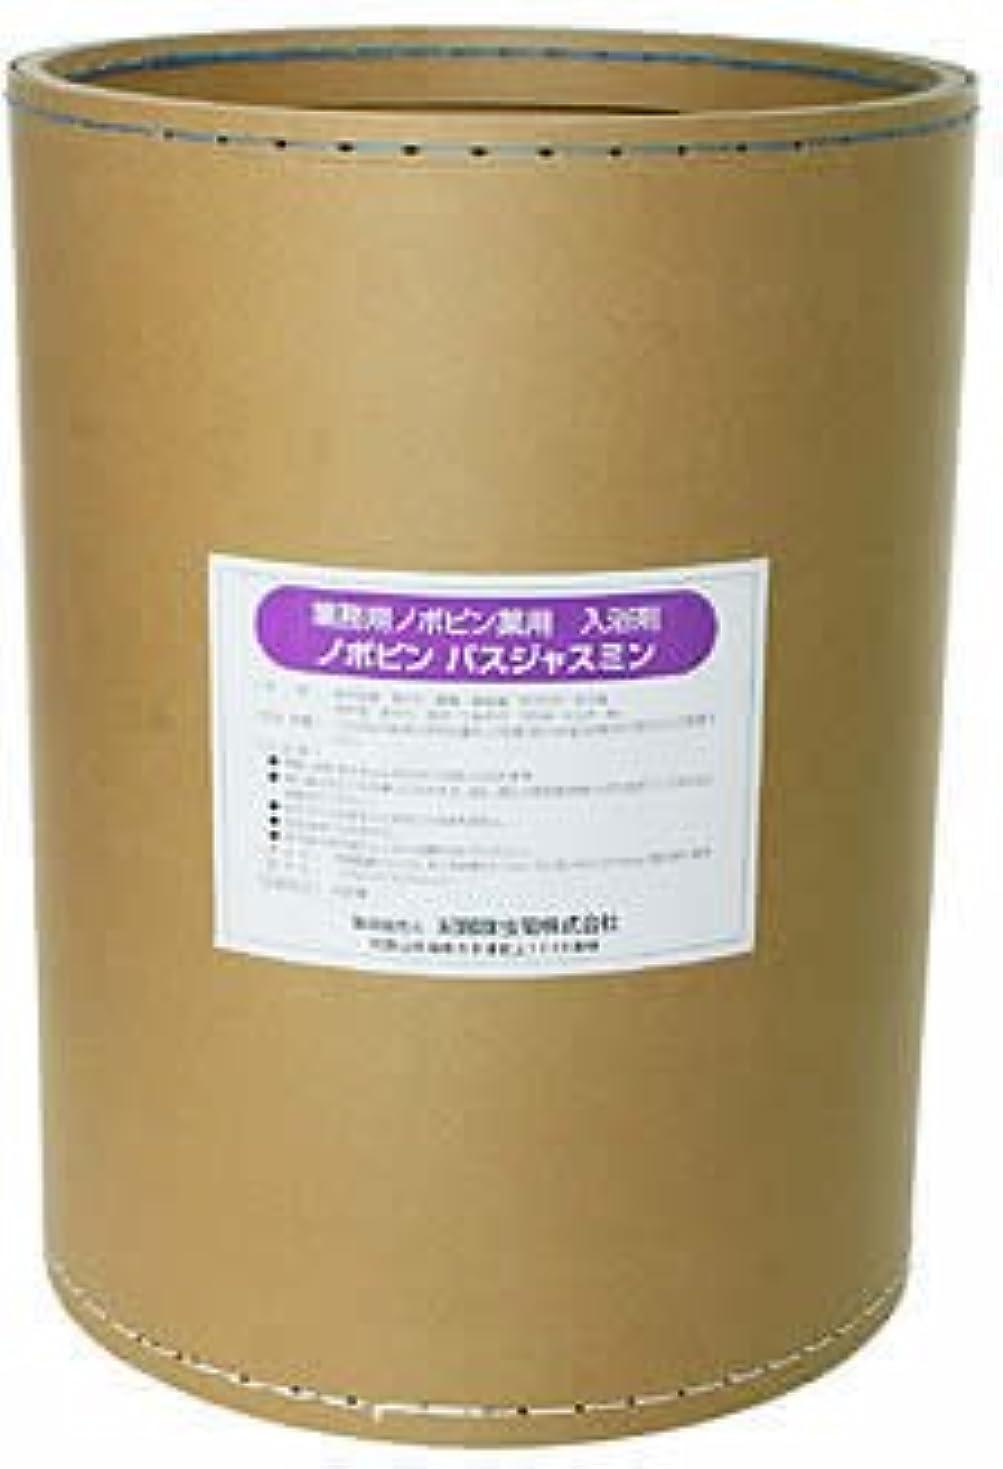 磁気ミュート過度の業務用入浴剤 ノボピン バスジャスミン 18kg